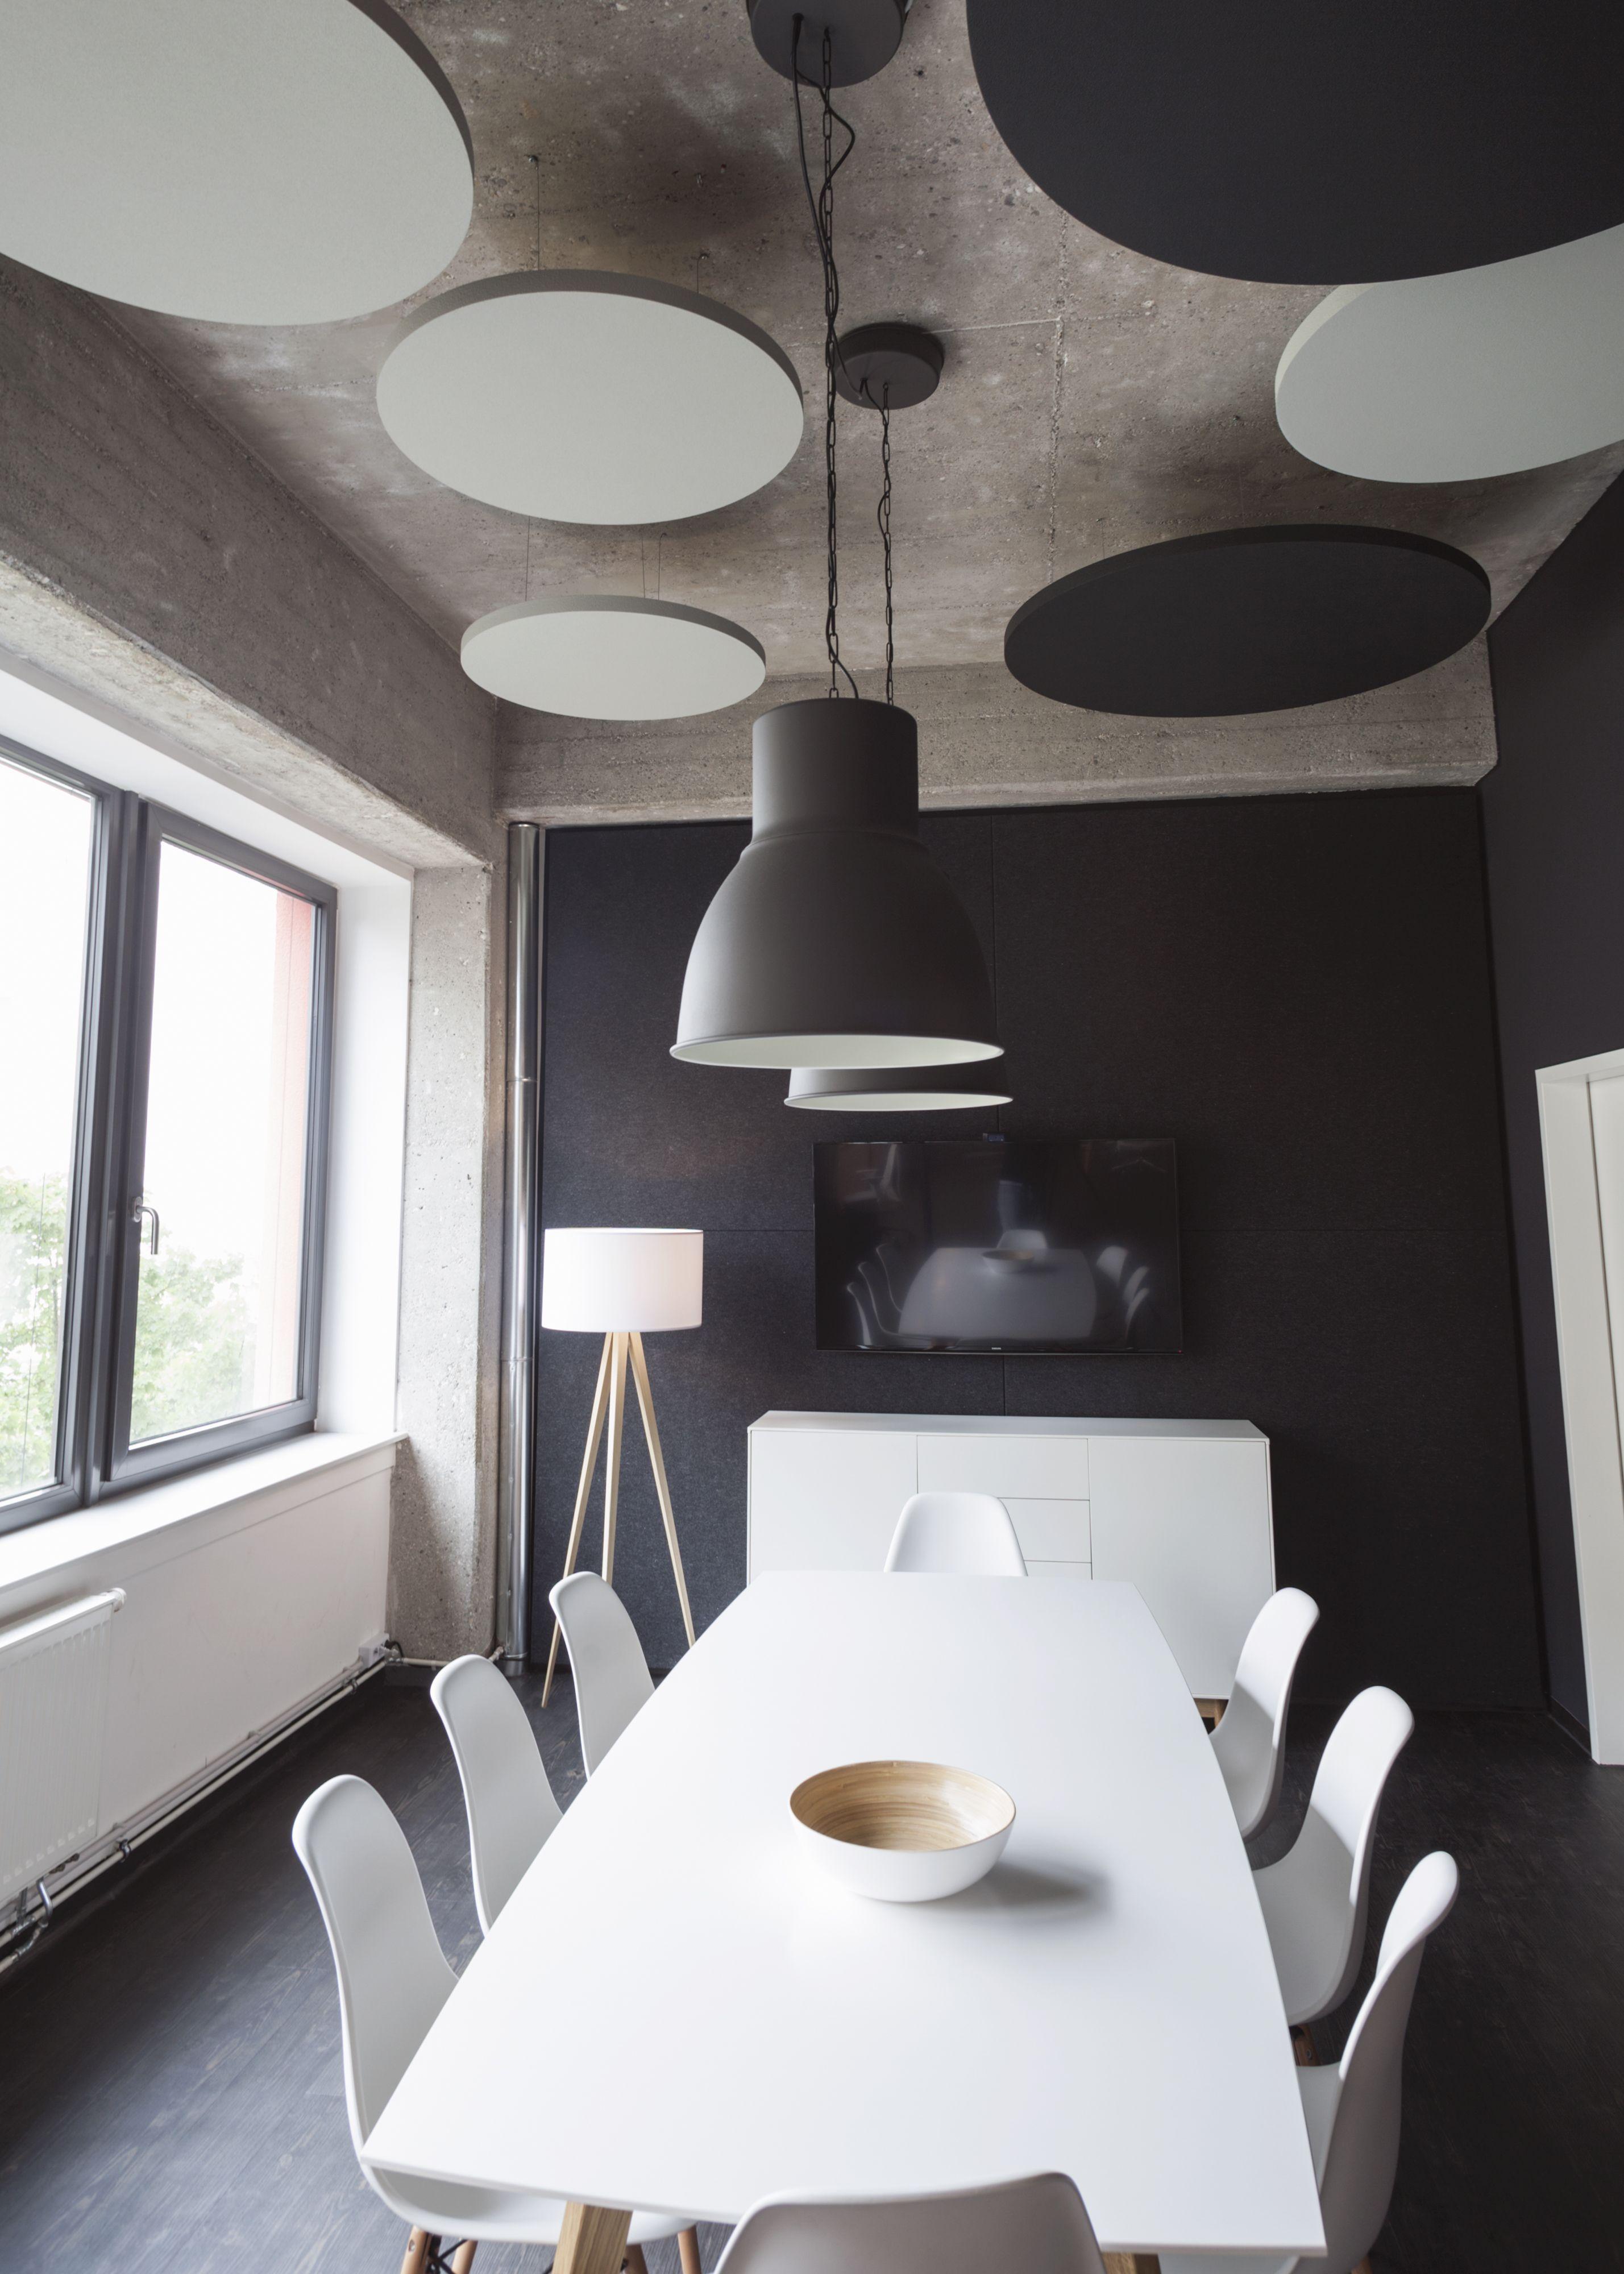 die decke bietet viel freie fl che f r abgeh ngte deckensegel und deckenabsorber viele farben. Black Bedroom Furniture Sets. Home Design Ideas